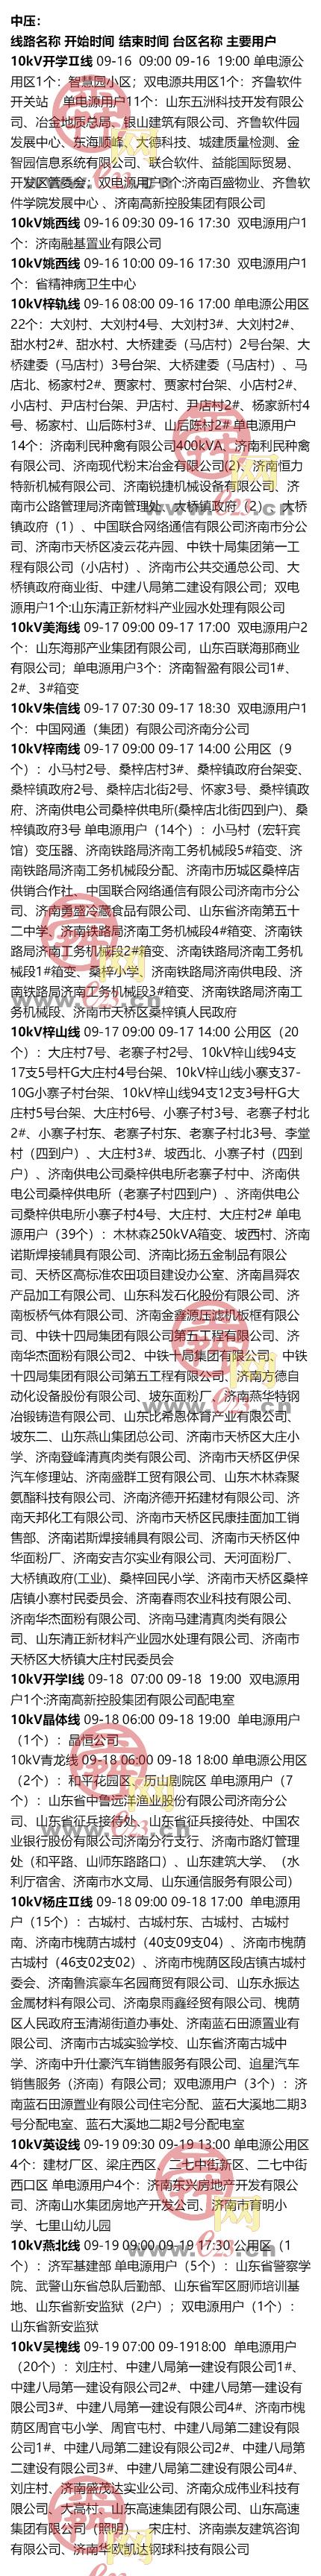 9月14日至9月20日济南部分区域电力设备检修通知